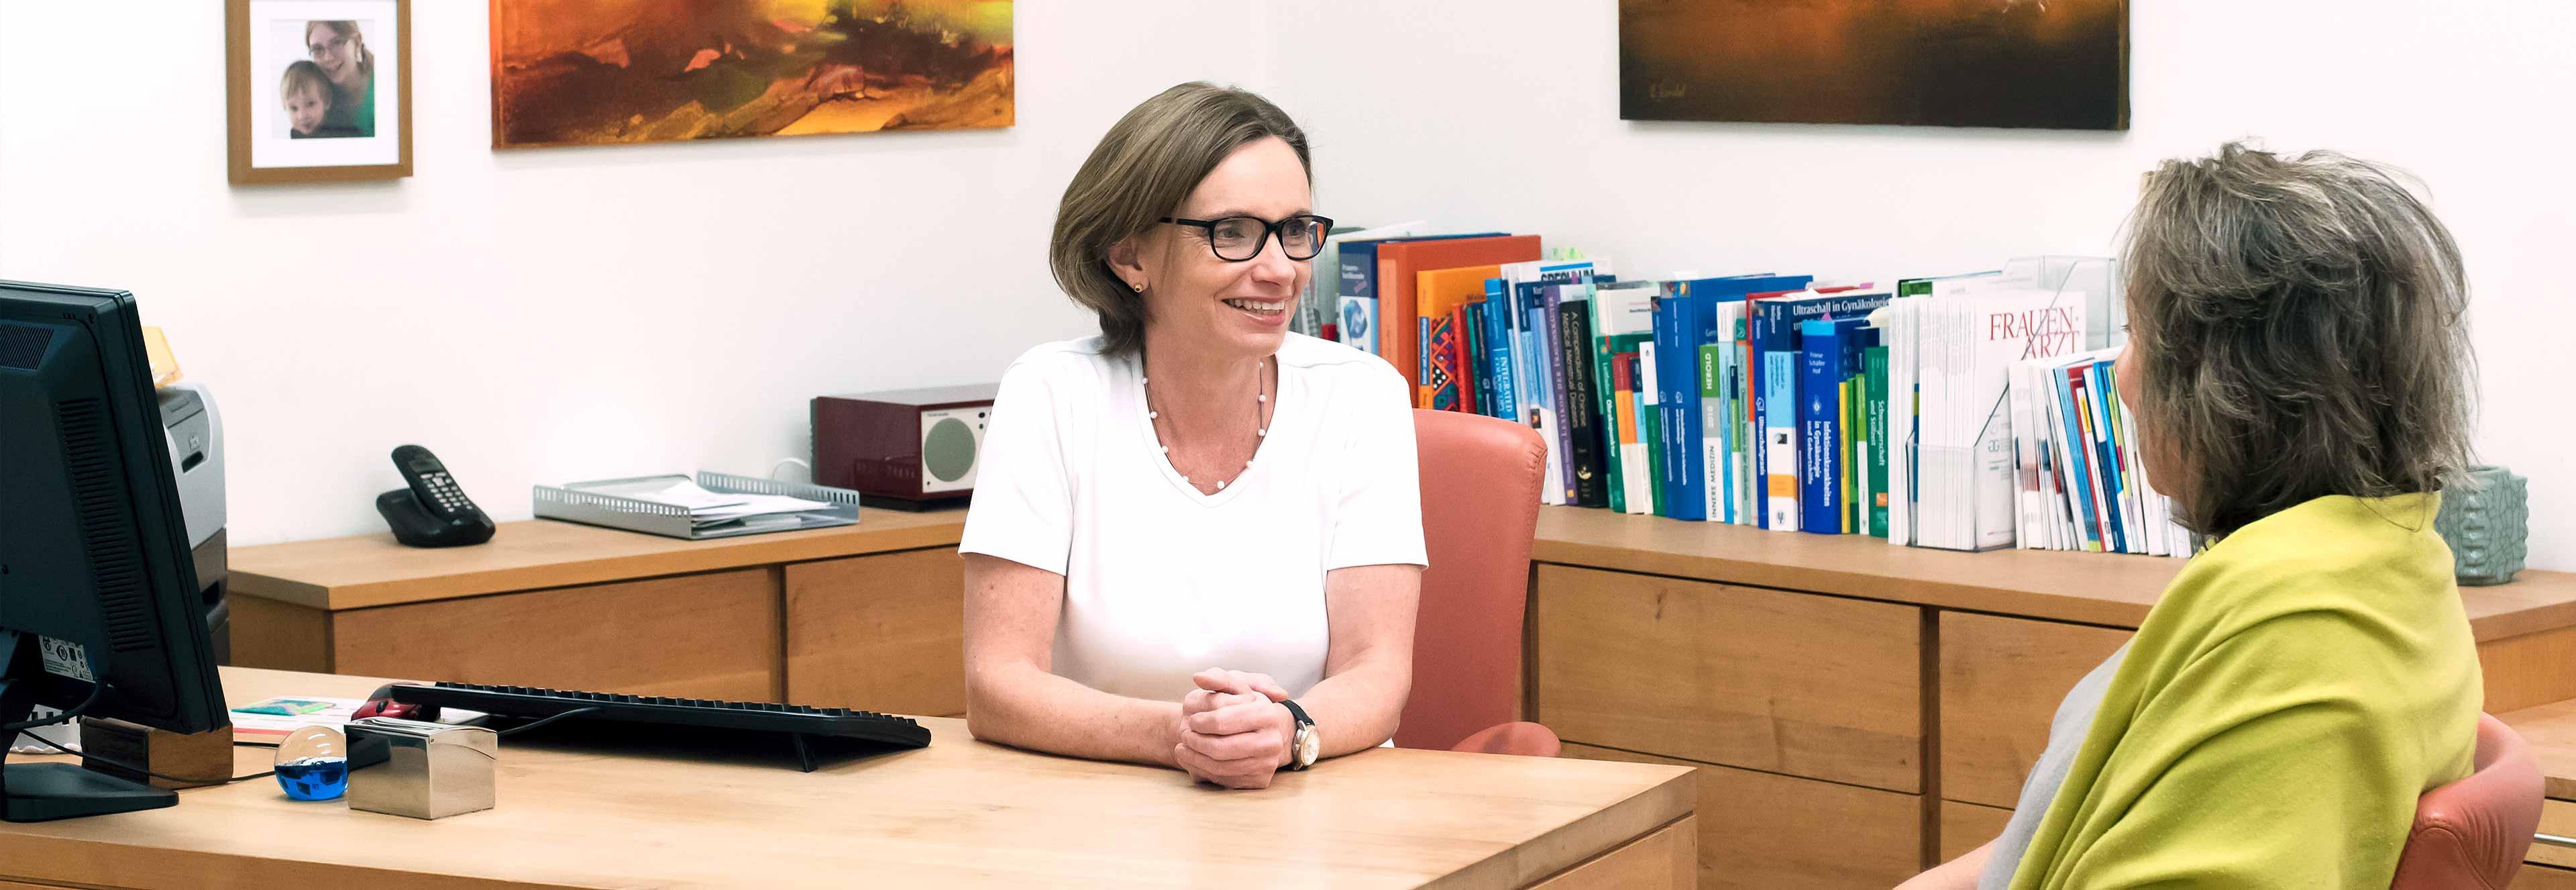 Dr. Maria Resch, MSc. - Gynäkologin, Whilering, Pasching, Frauenärztin, Traditionelle Chinesische Medizin, Akupunktur